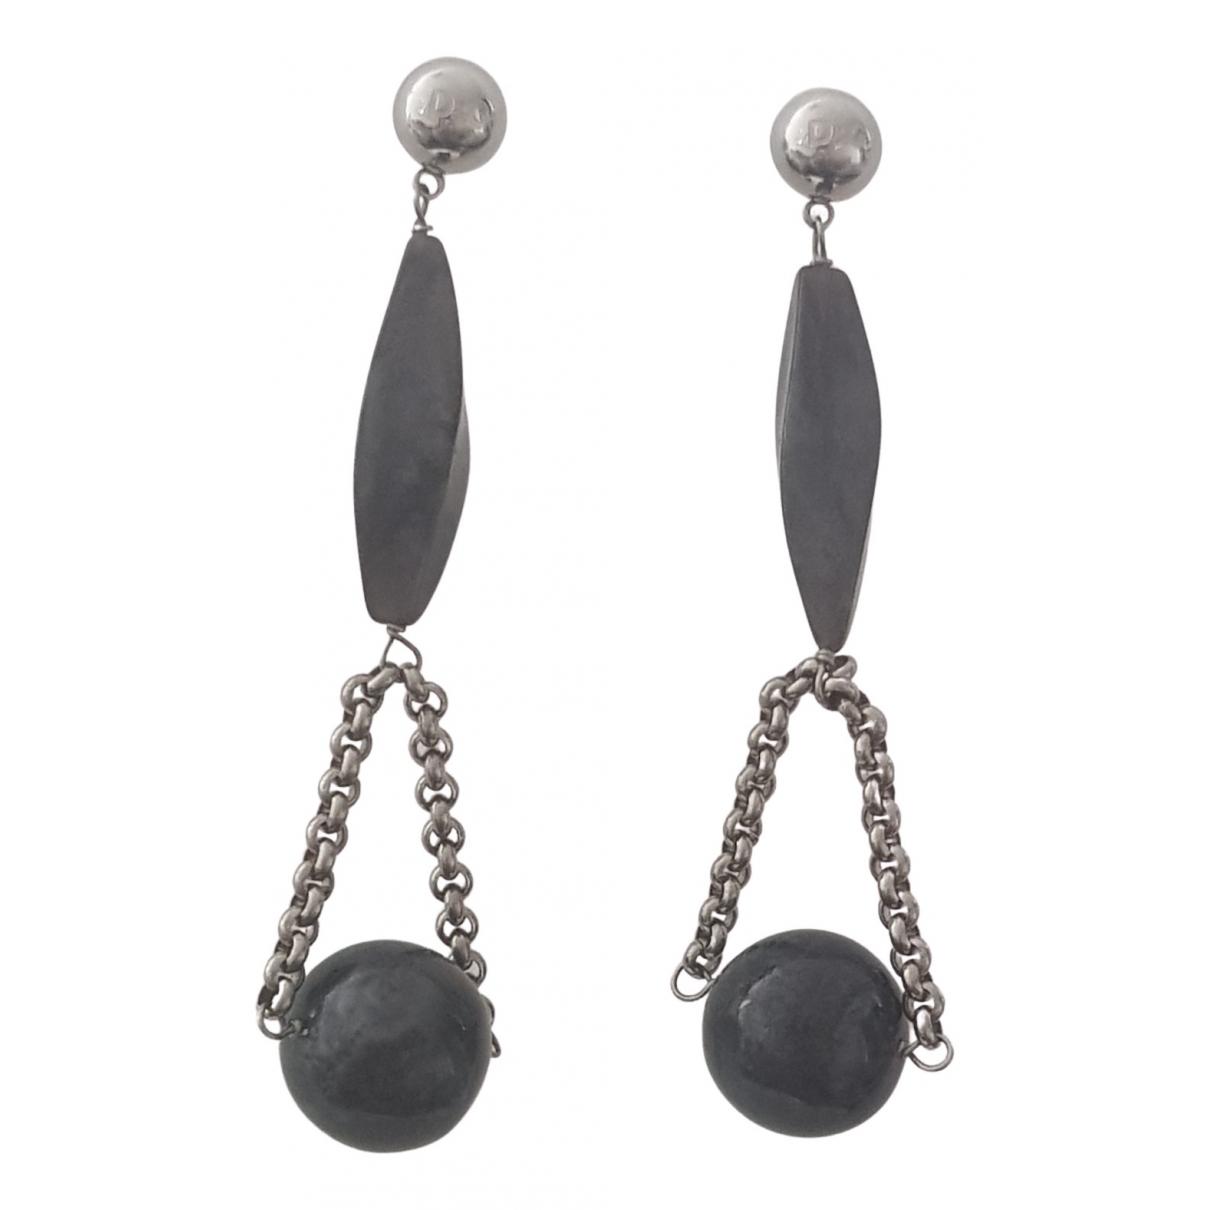 Dolce & Gabbana - Boucles d'oreilles   pour femme en metal - gris